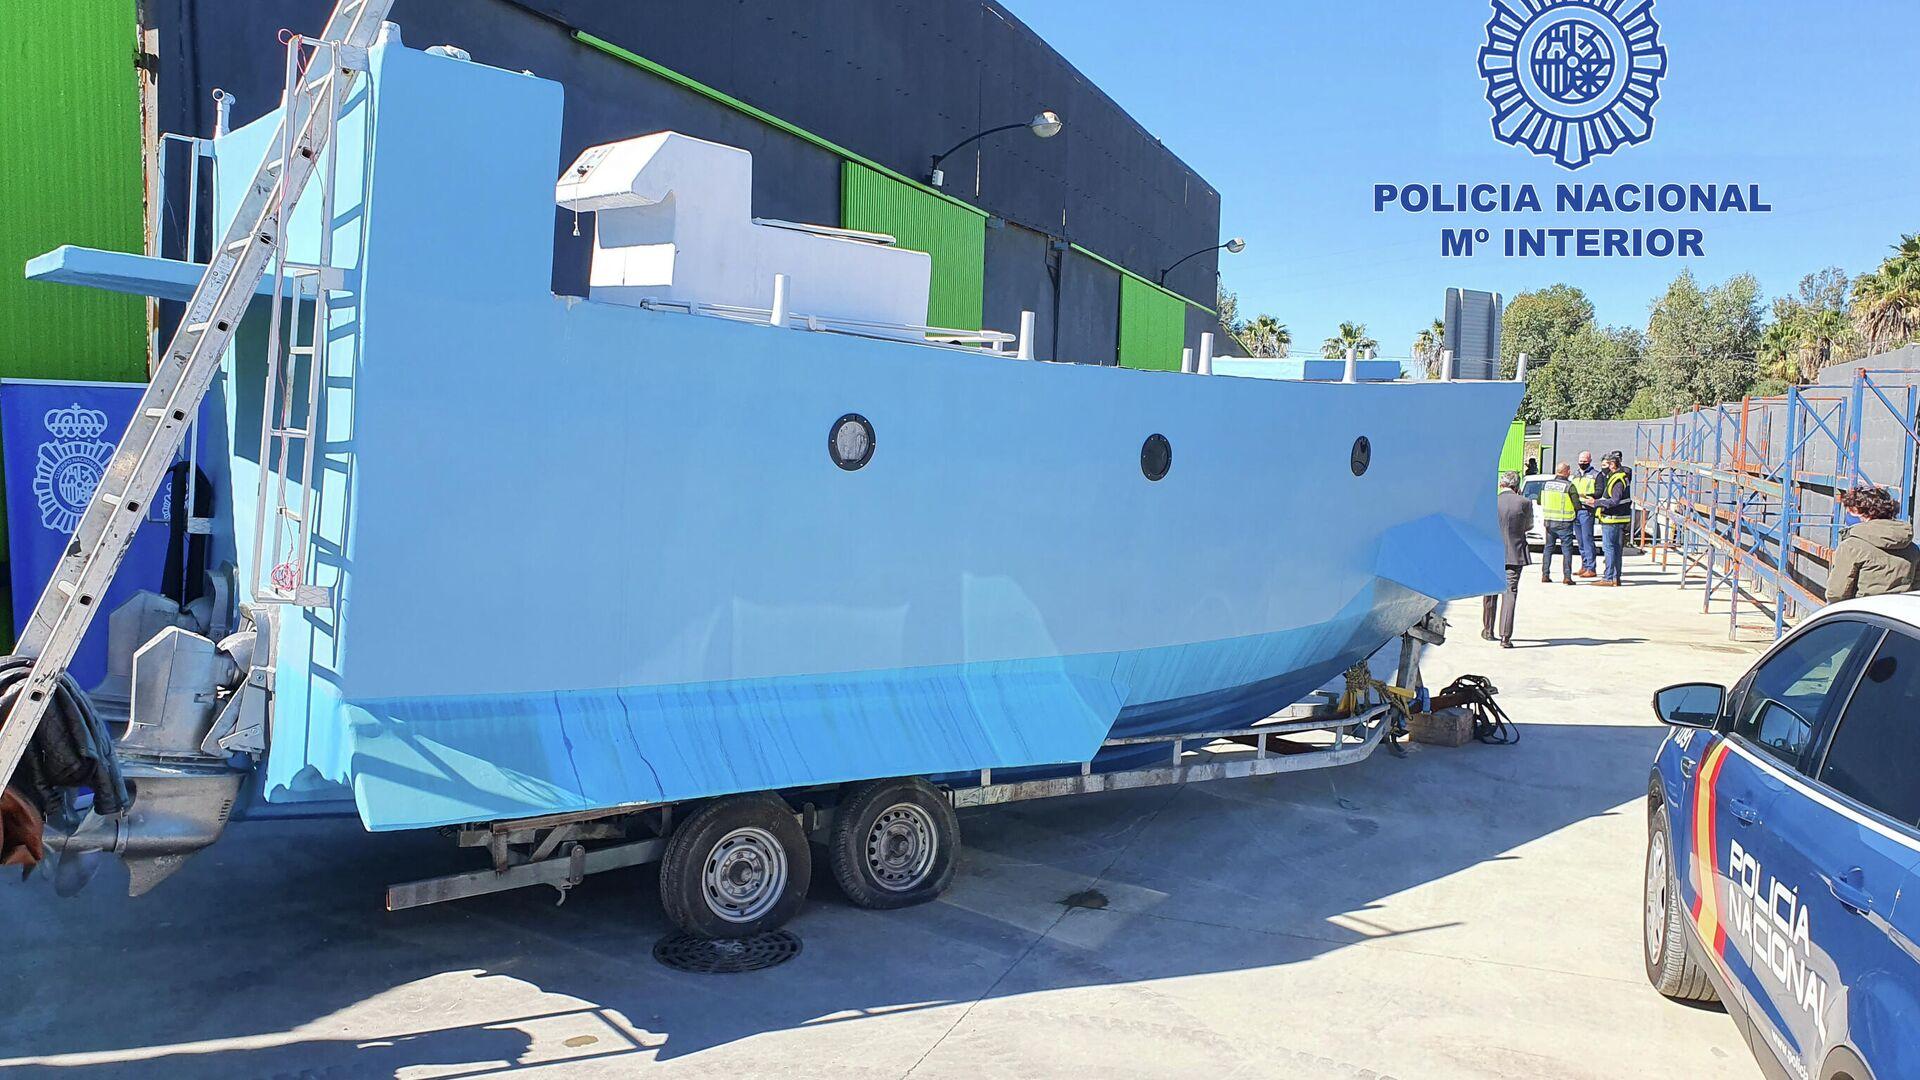 Intervienen la primera embarcación semisumergible localizada en España preparada para el tráfico de drogas - Sputnik Mundo, 1920, 12.03.2021